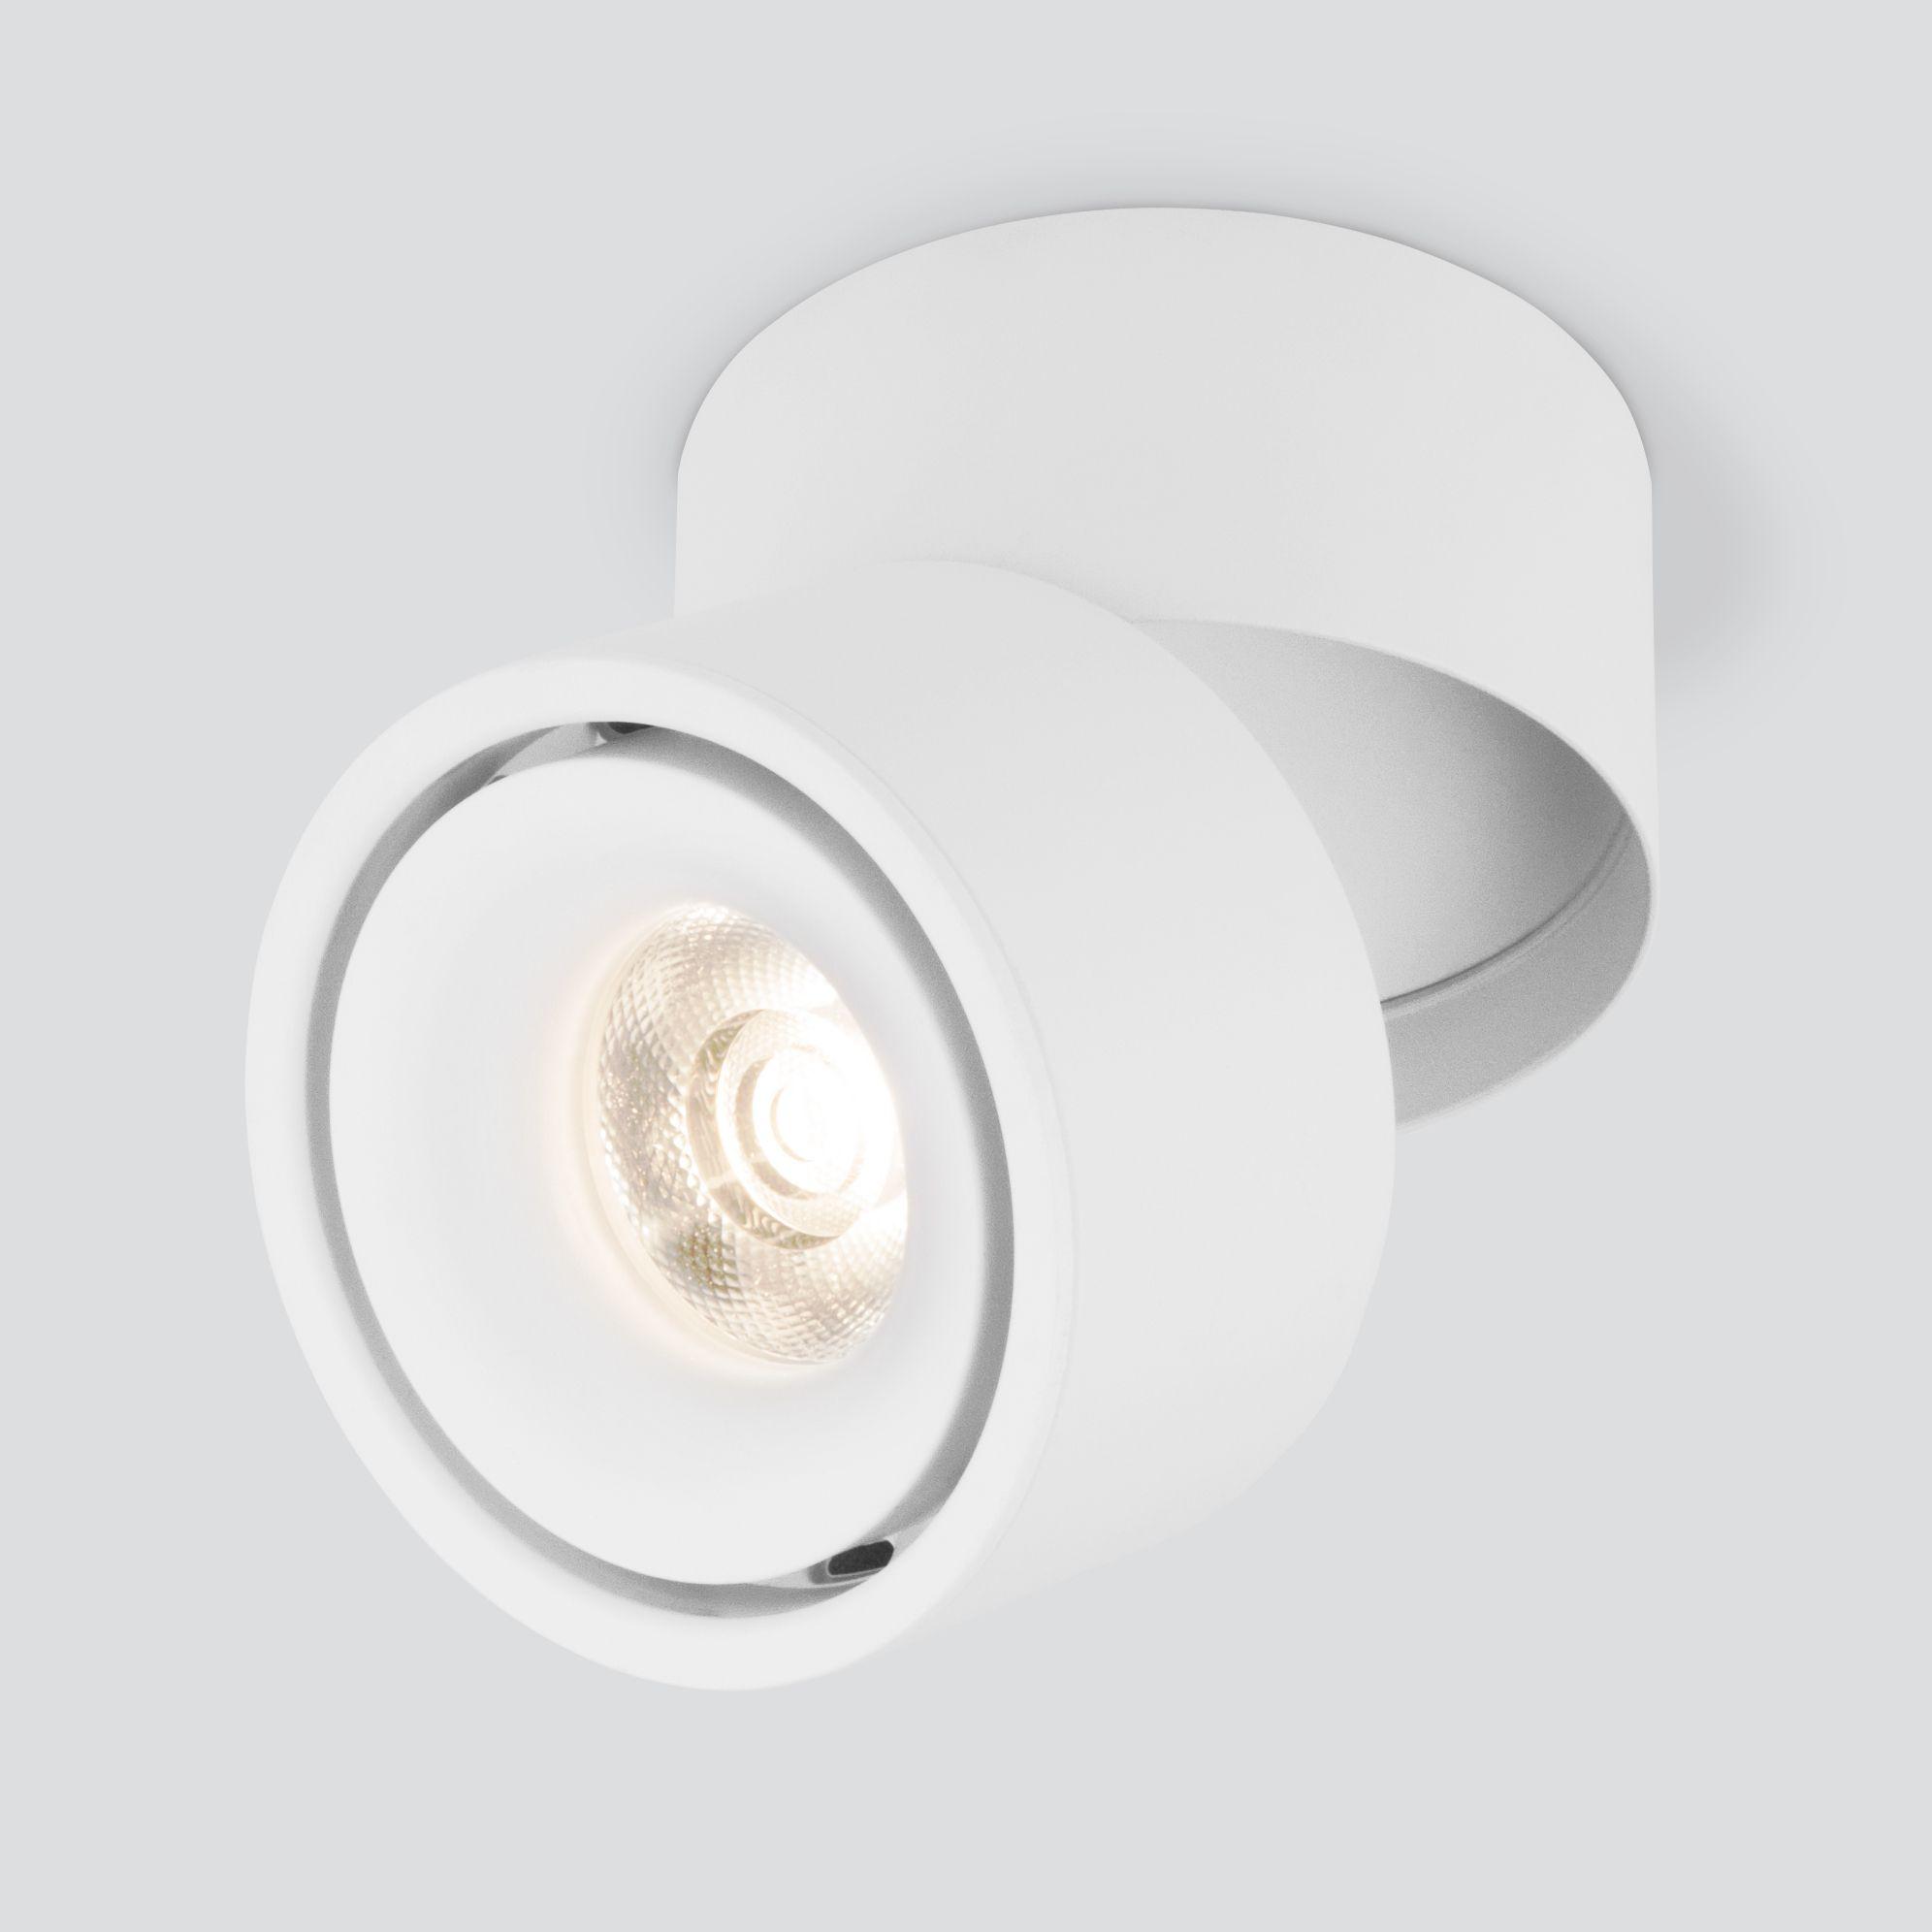 Накладной светодиодный светильник DLR031 15W 4200K 3100 белый матовый